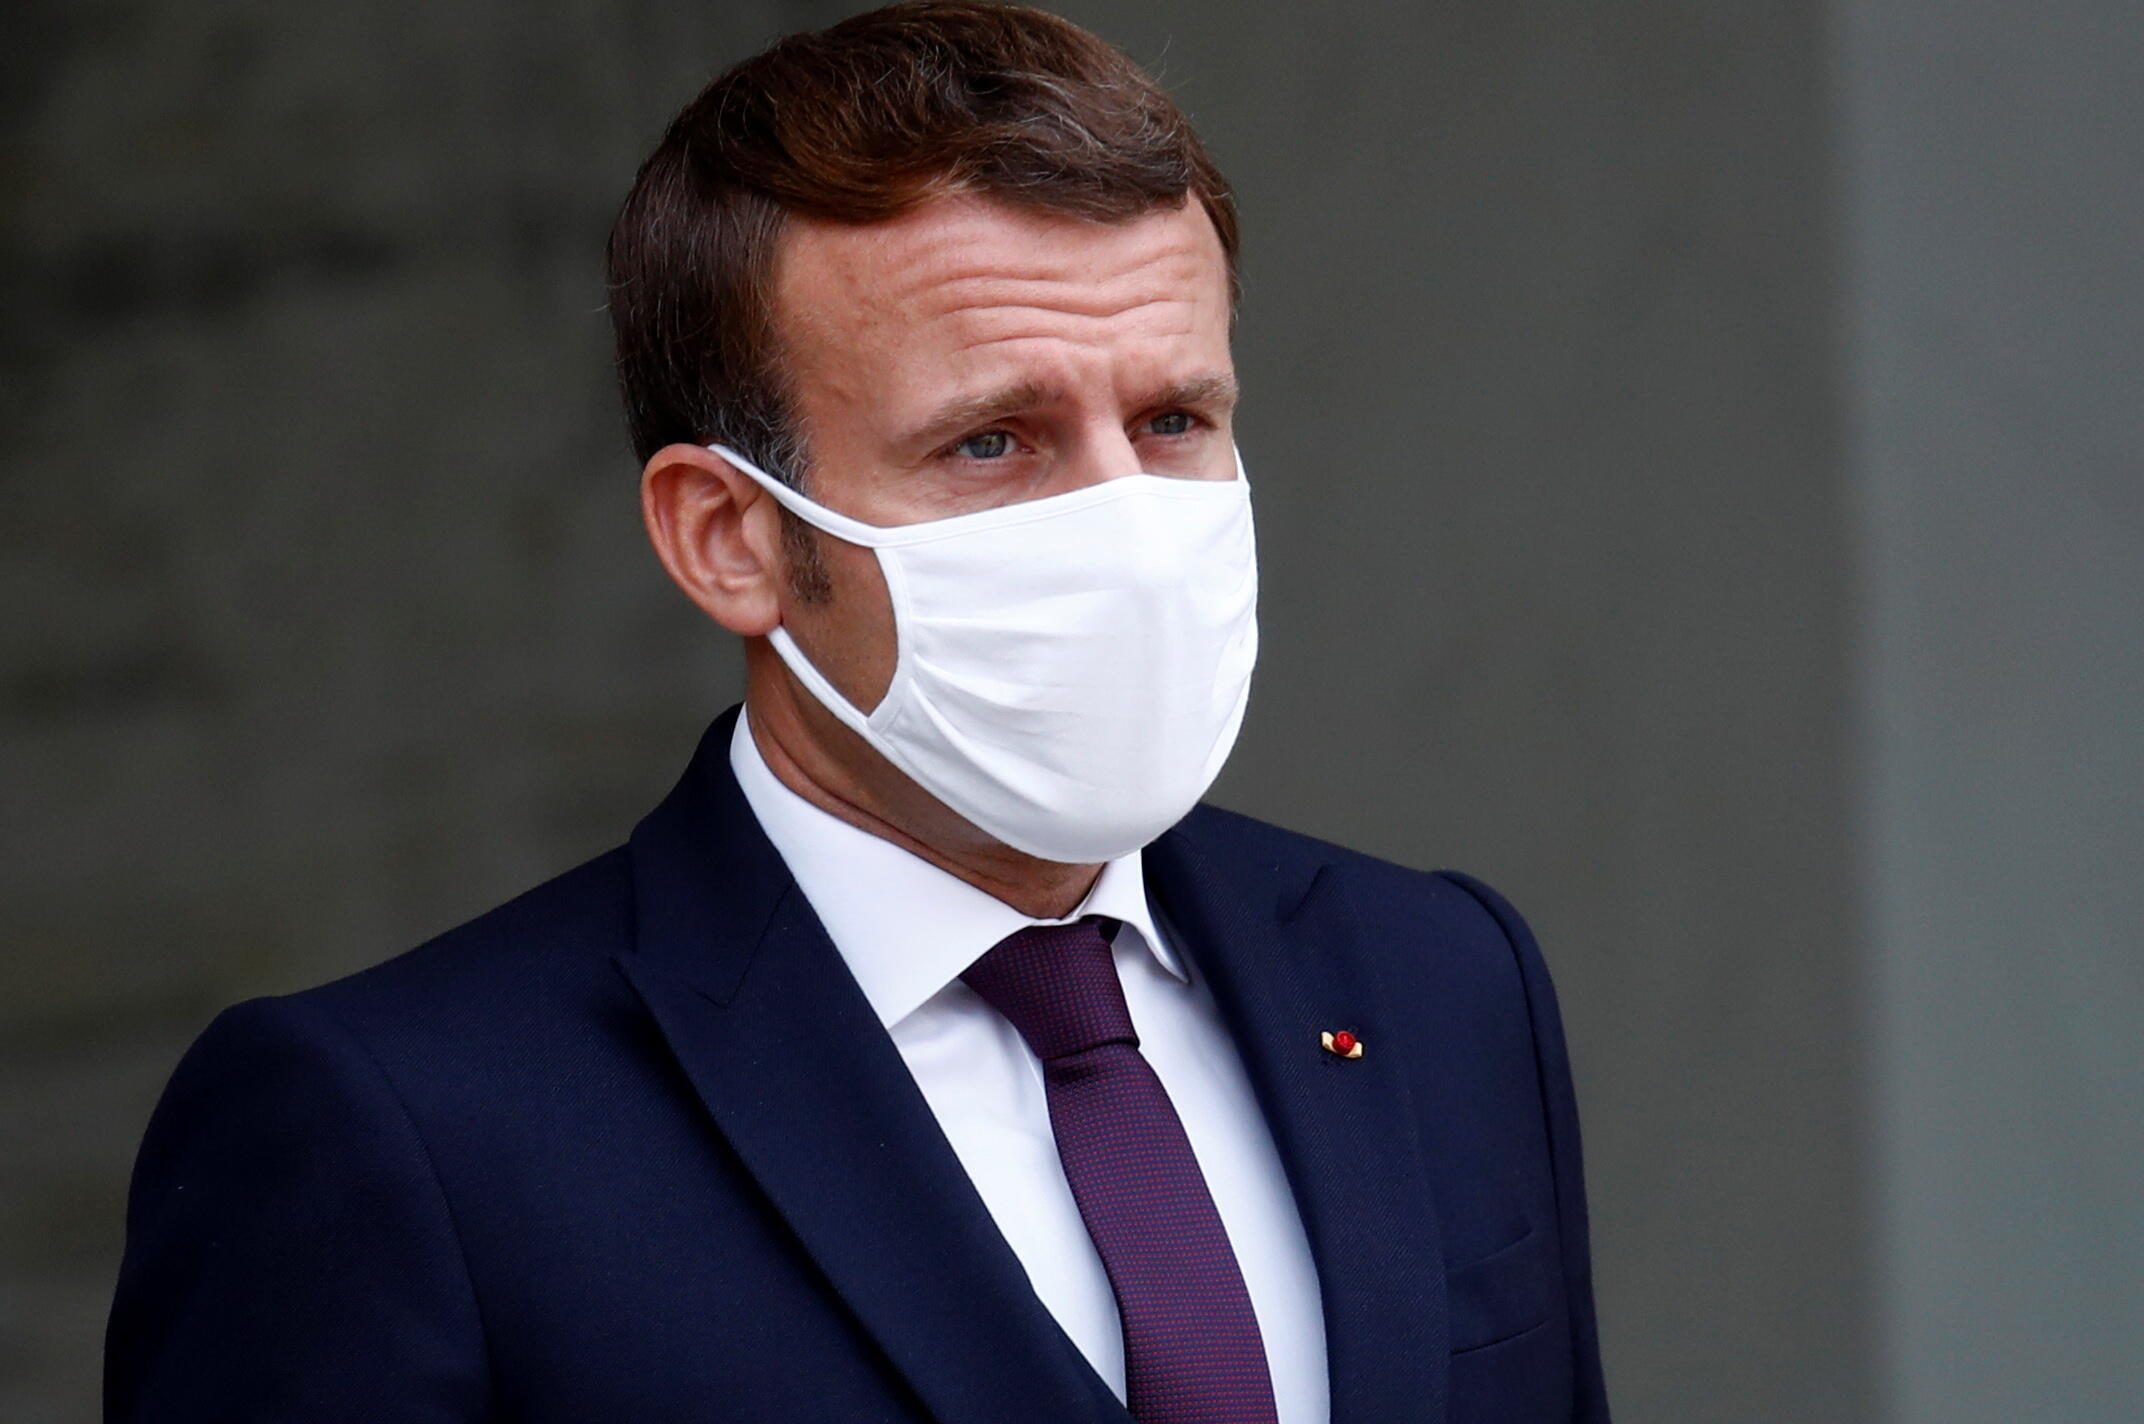 28 октября в 20 часов президент Франции Эмманюэль Макрон выступит по французскому телевидению и объявит о новых ограничительных мерах, связанных с эпидемией COVID-19.